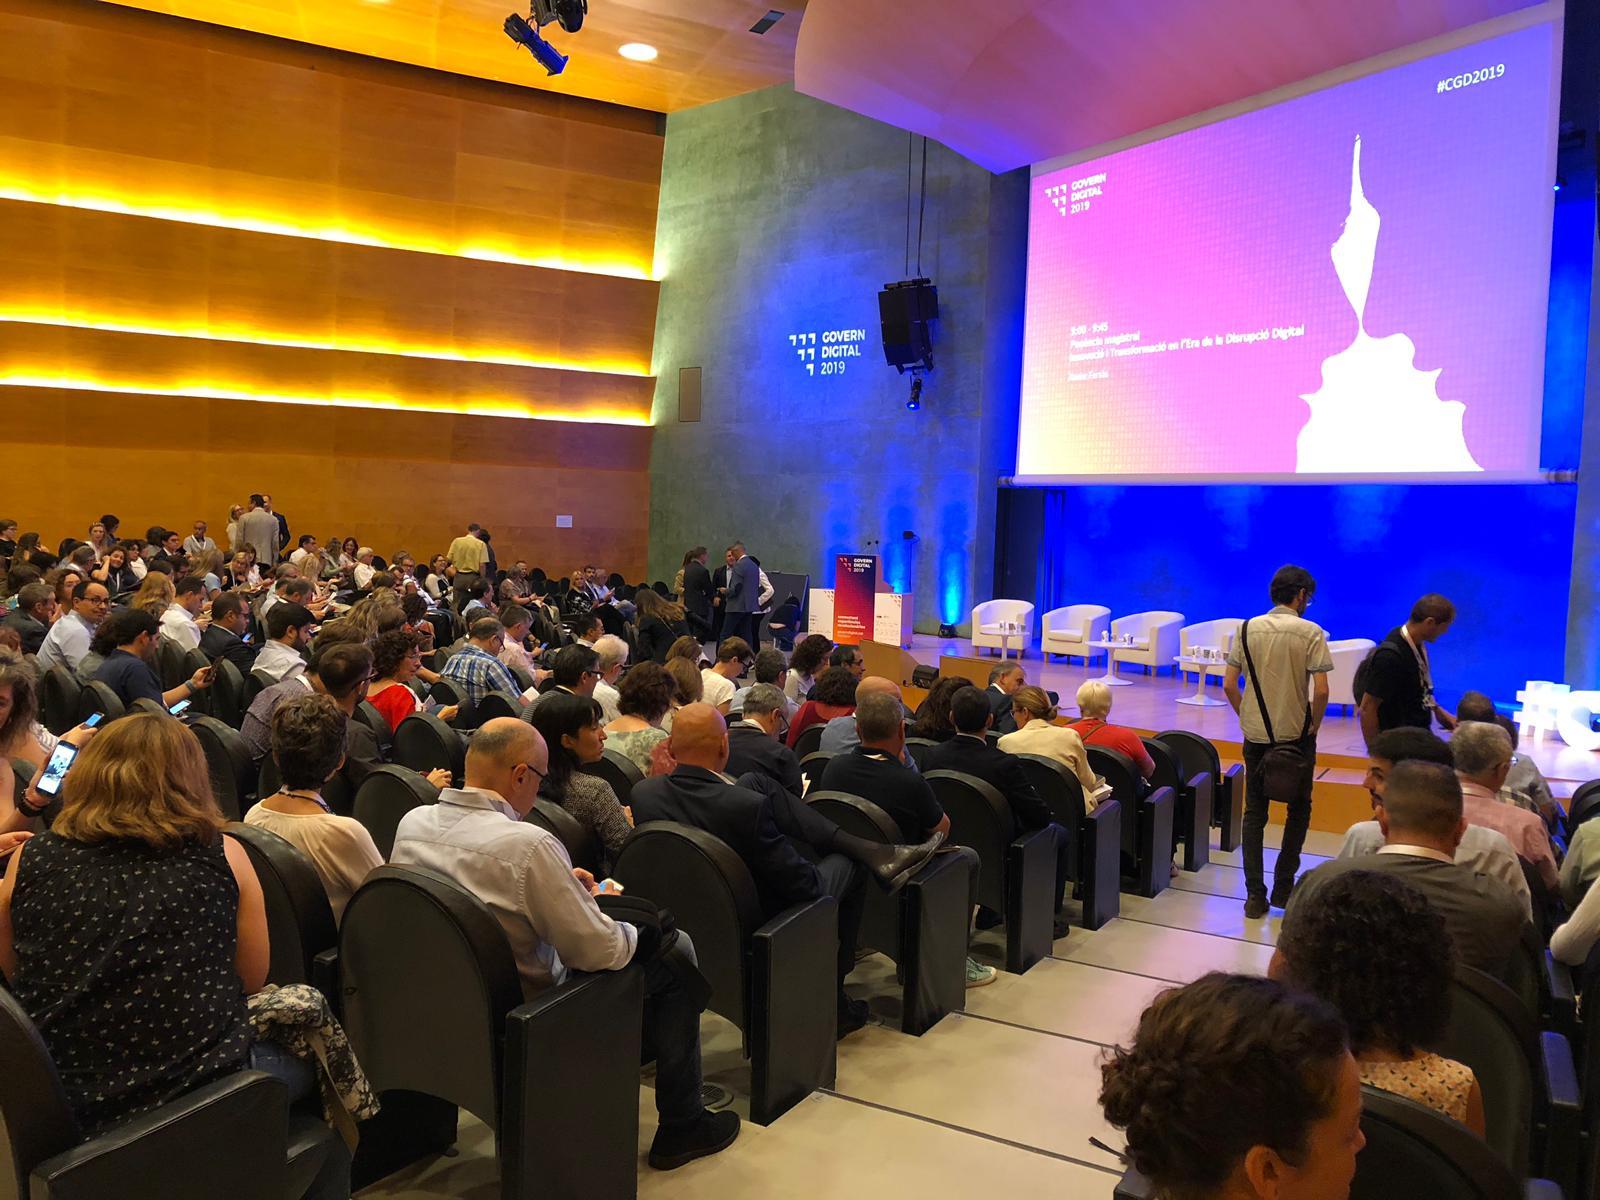 Congrés de Govern Digital